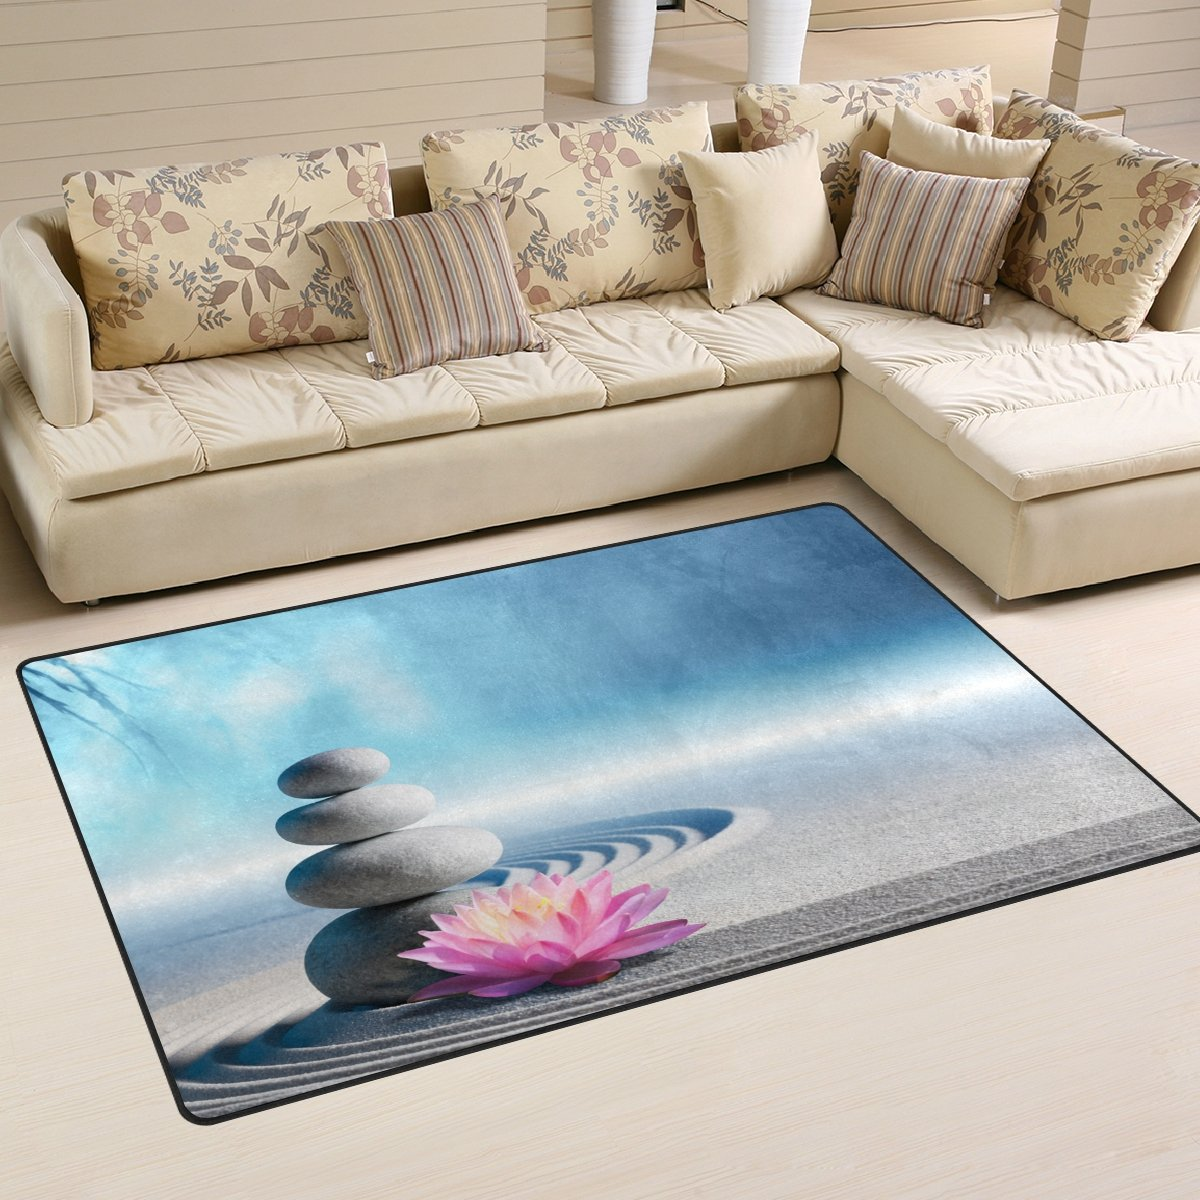 WellLee Area Rug,Sand Lily Spa Stones Zen Garden Floor Rug Non-slip Doormat for Living Dining Dorm Room Bedroom Decor 31x20 Inch